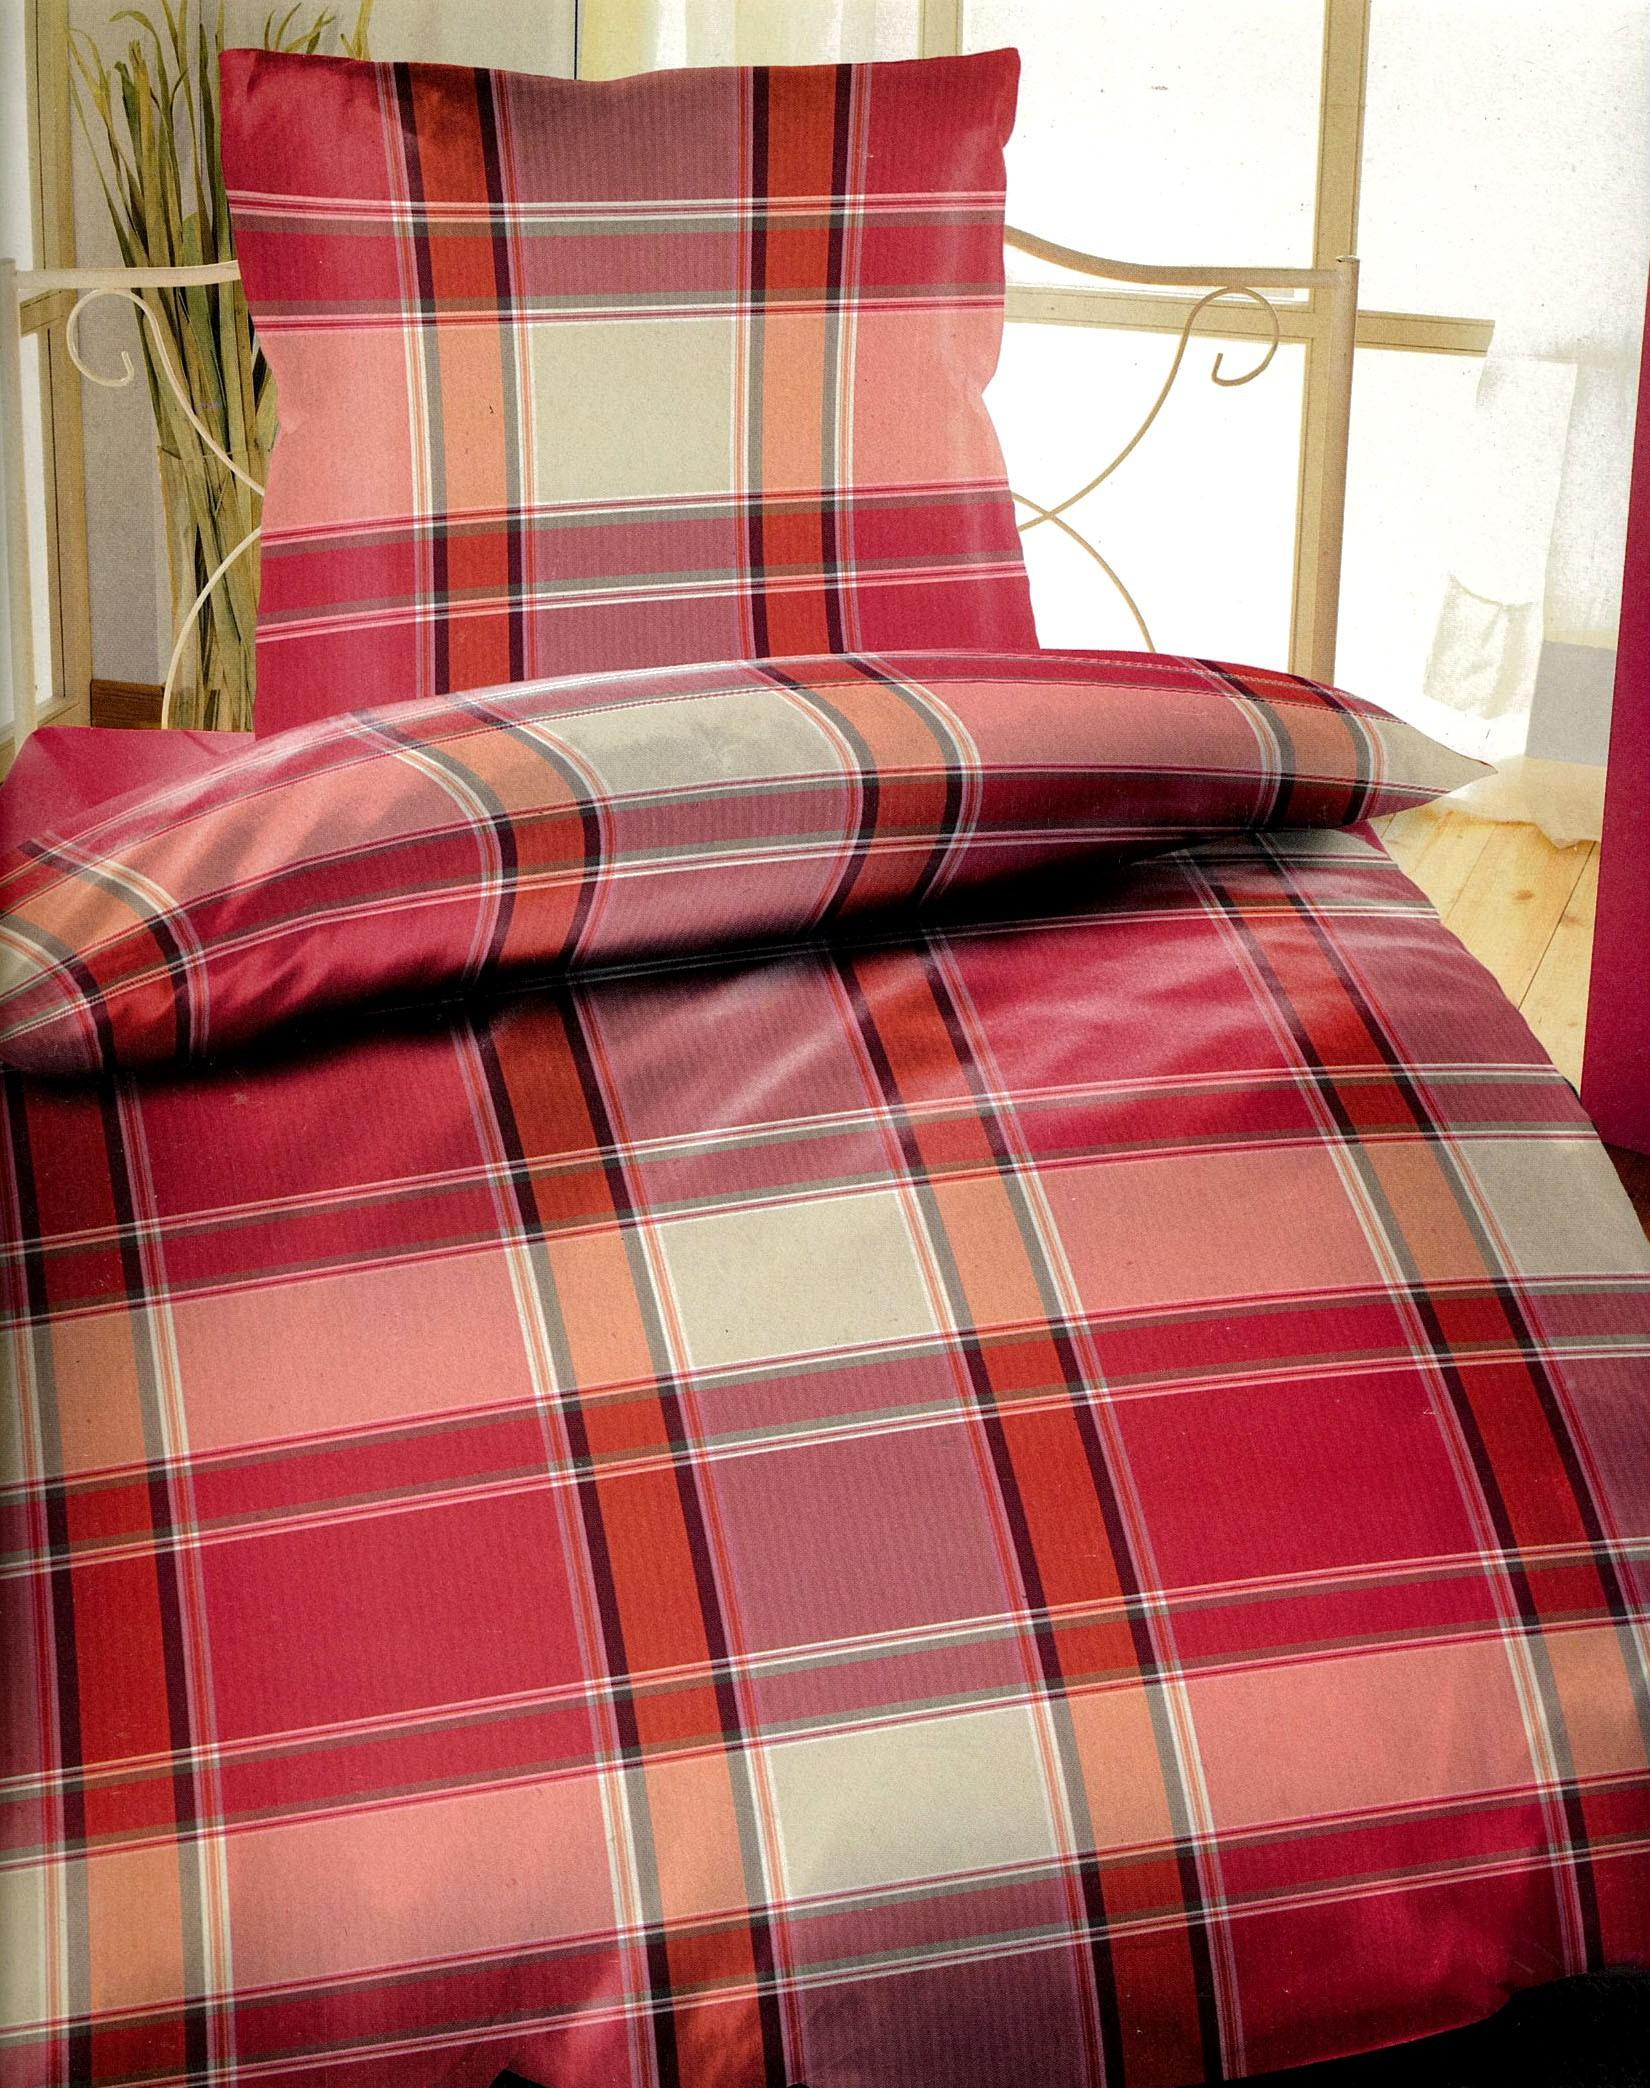 4tlg bettw sche microfaser 135x200 gestreift rosa beige. Black Bedroom Furniture Sets. Home Design Ideas